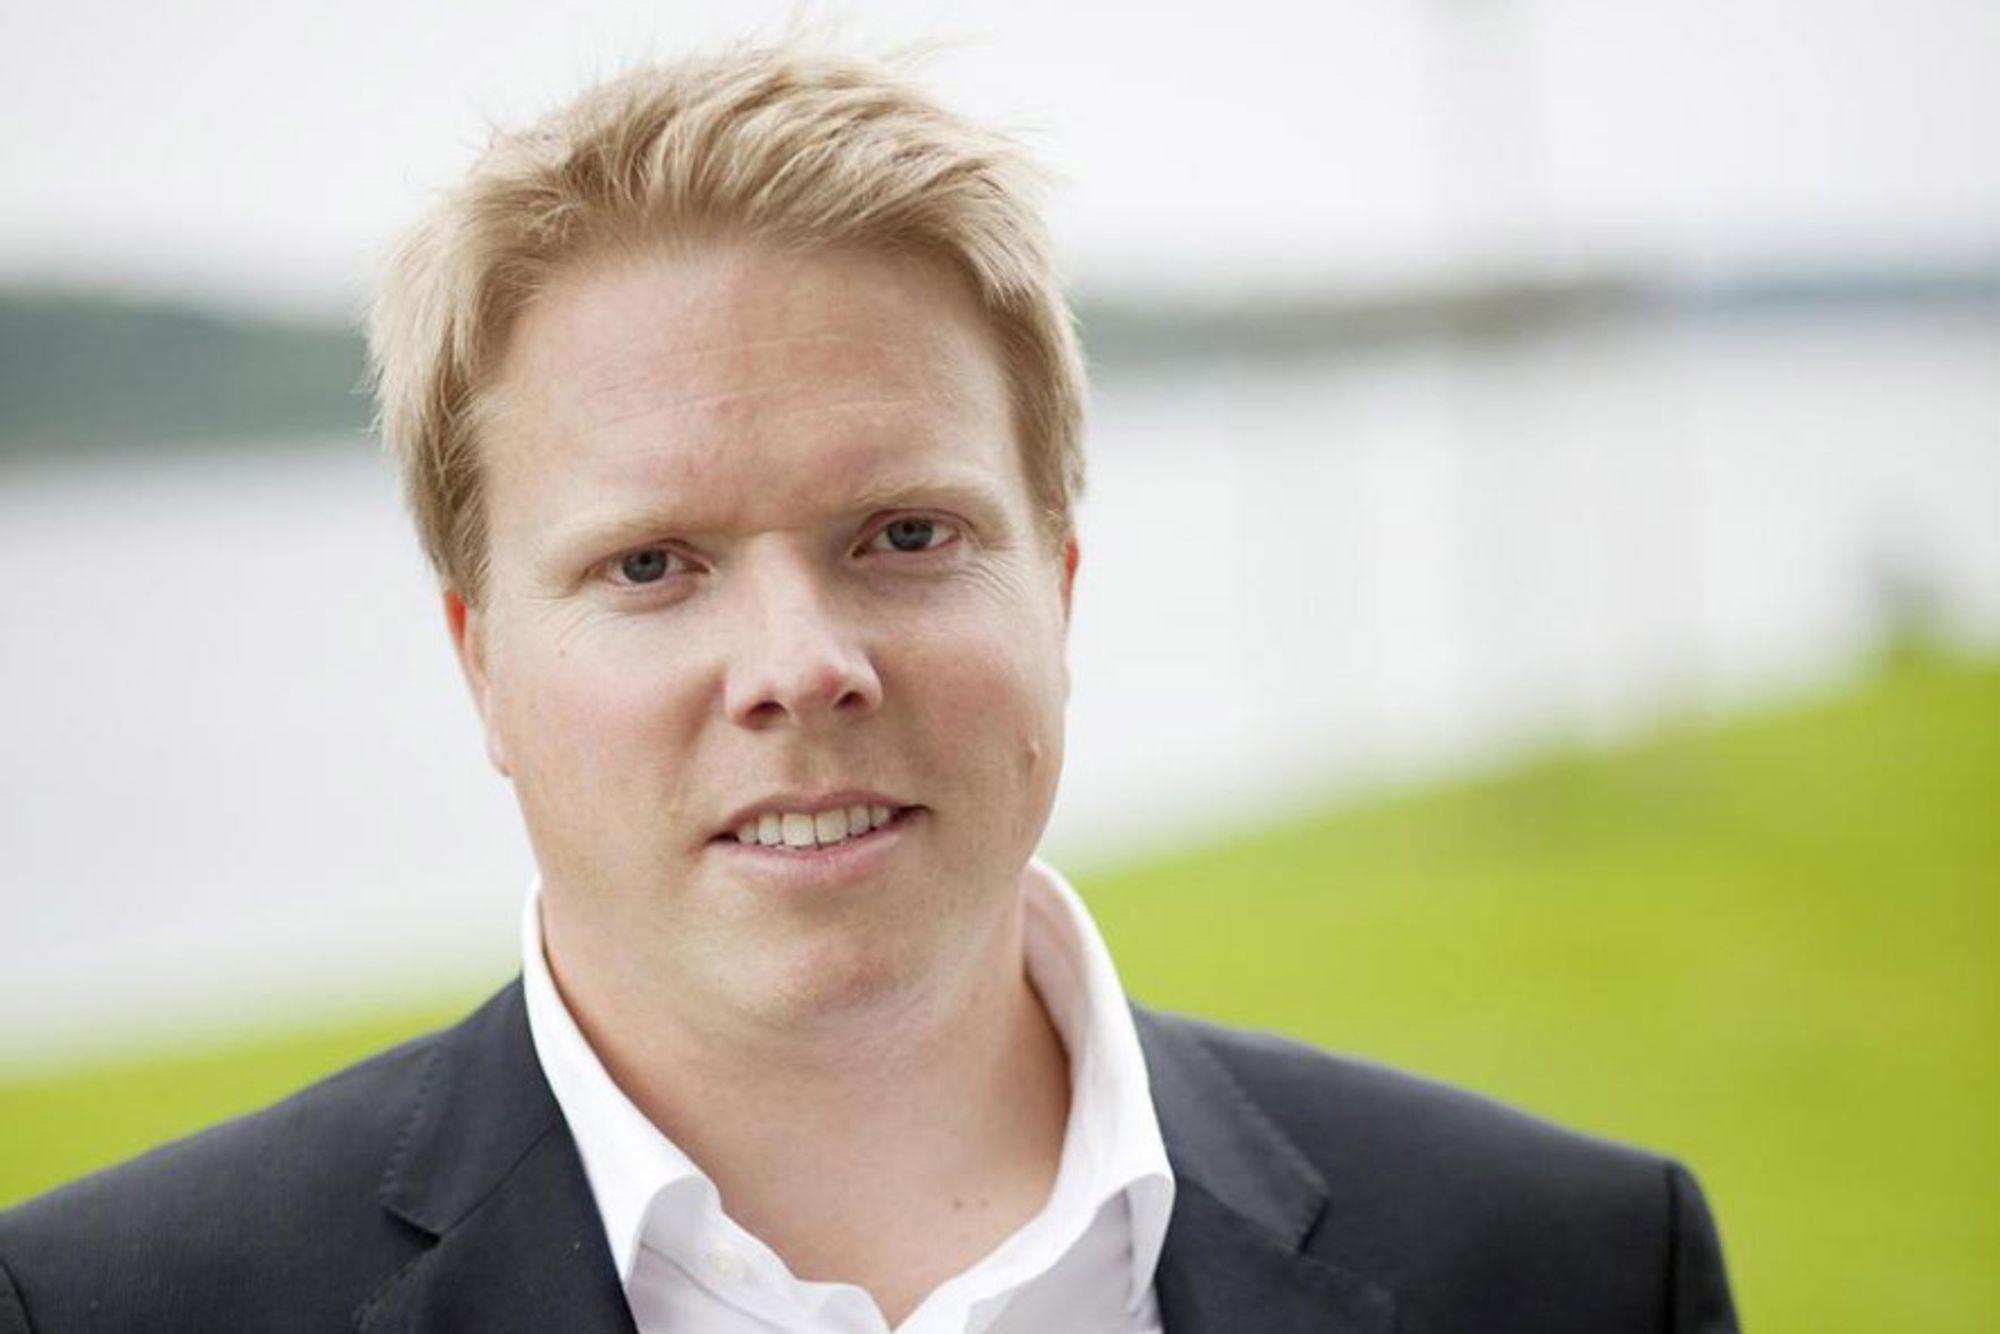 BEGYNNER NÅ: Eivind Helgaker er ansatt som ny sjef for Ice og begynner i jobben umiddelbart.